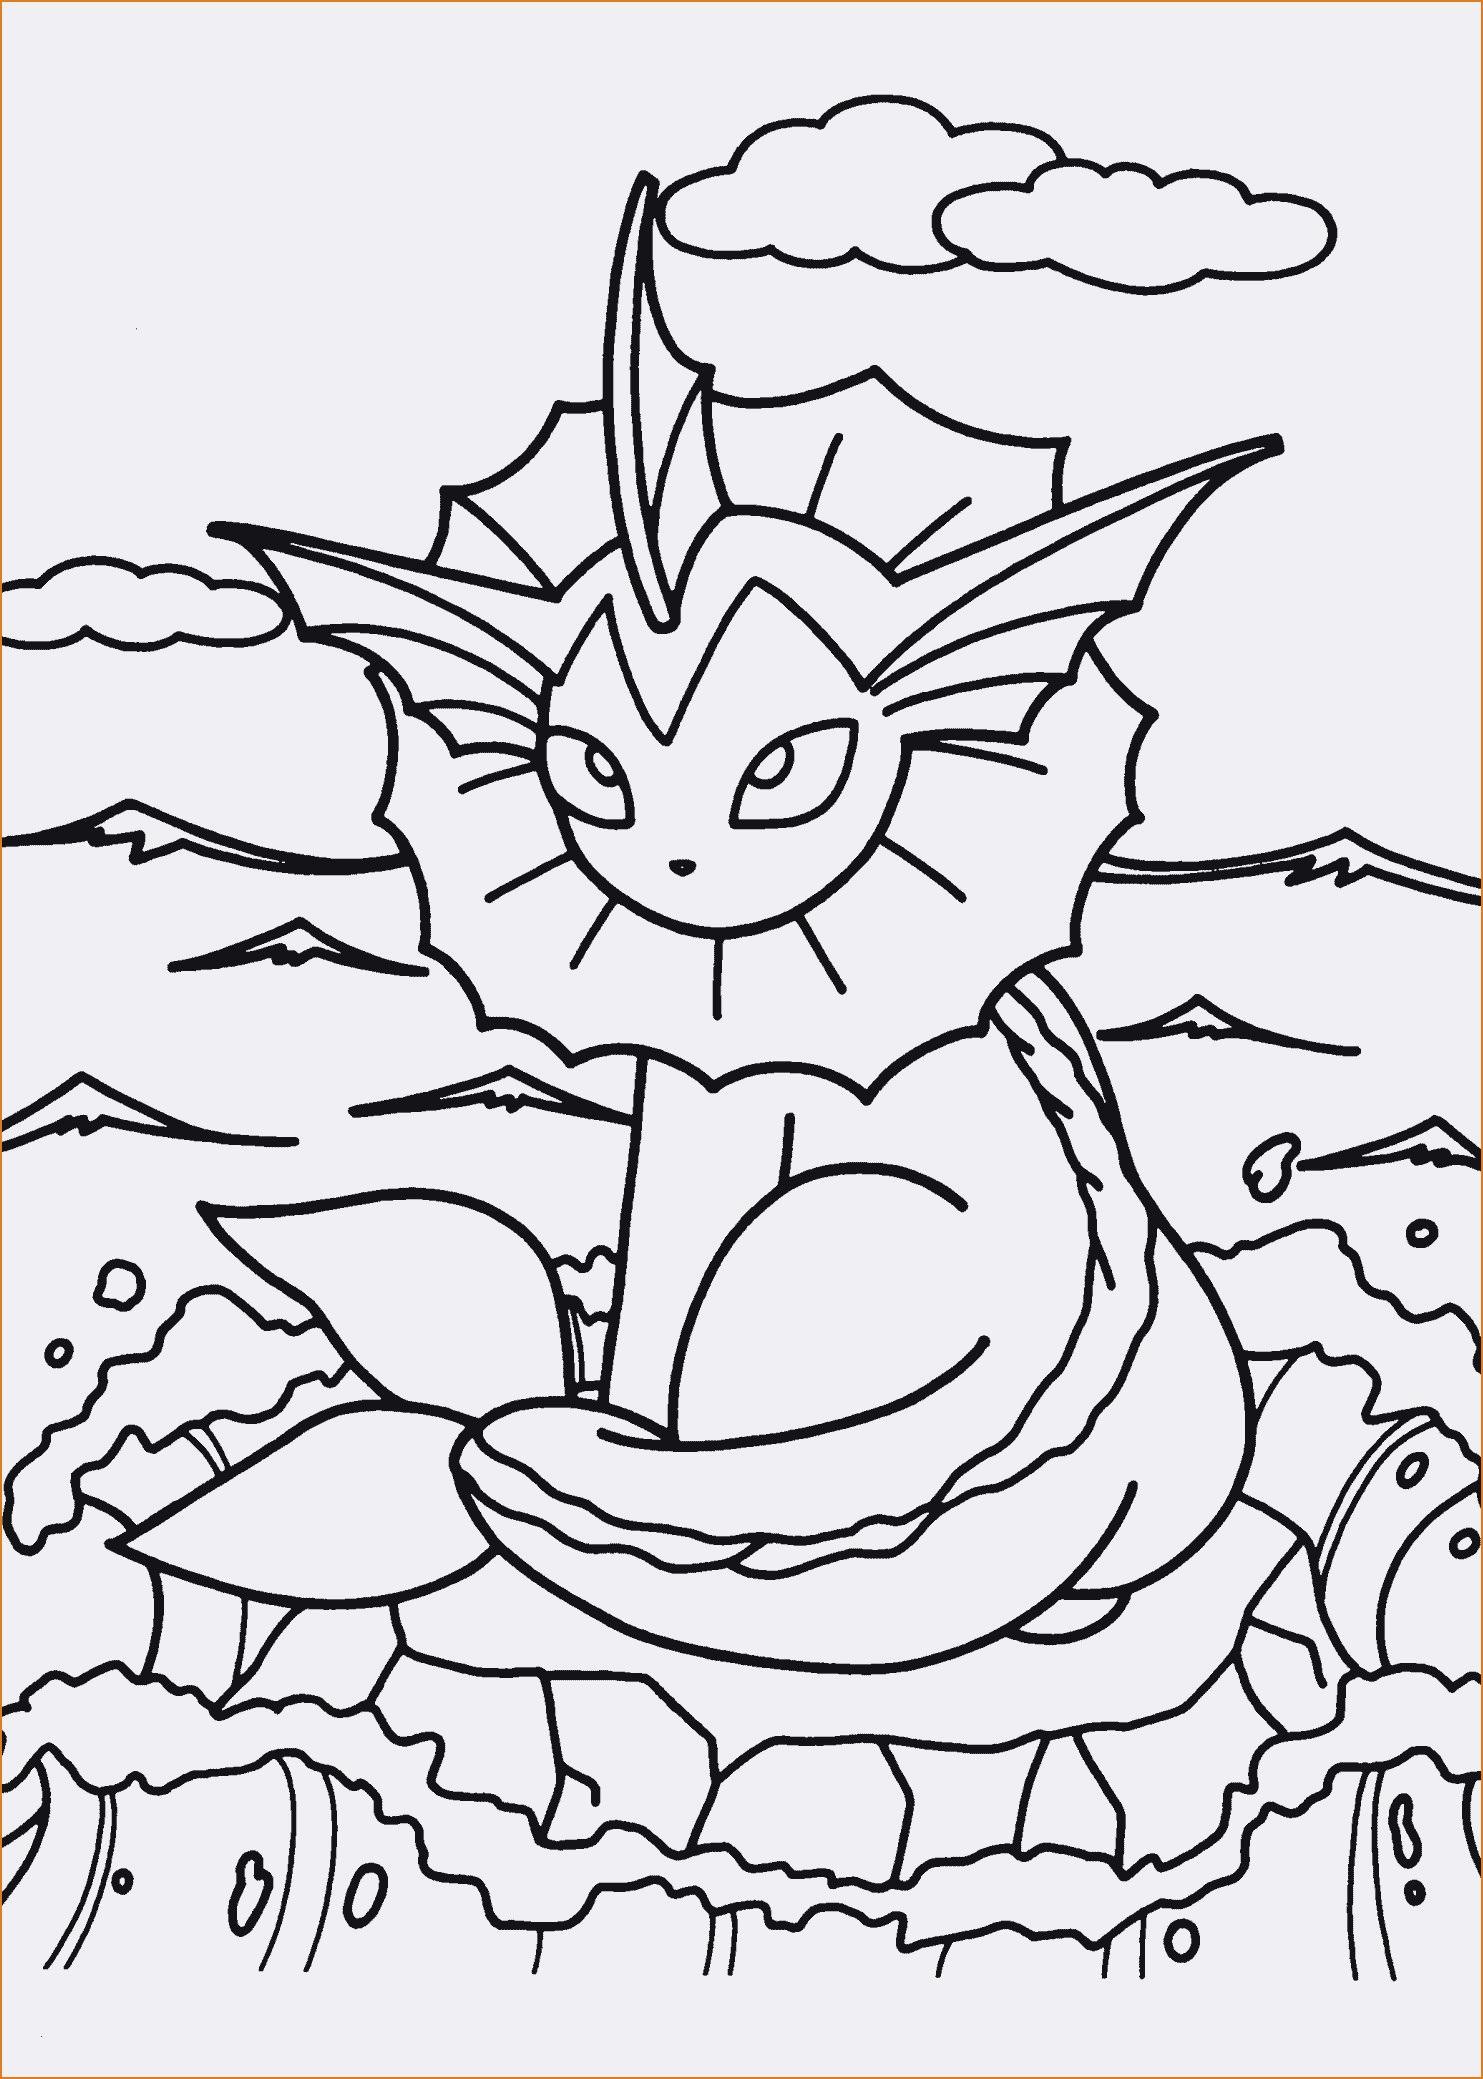 Pokemon Bilder Zum Ausdrucken In Farbe Genial Ausmalbilder ...